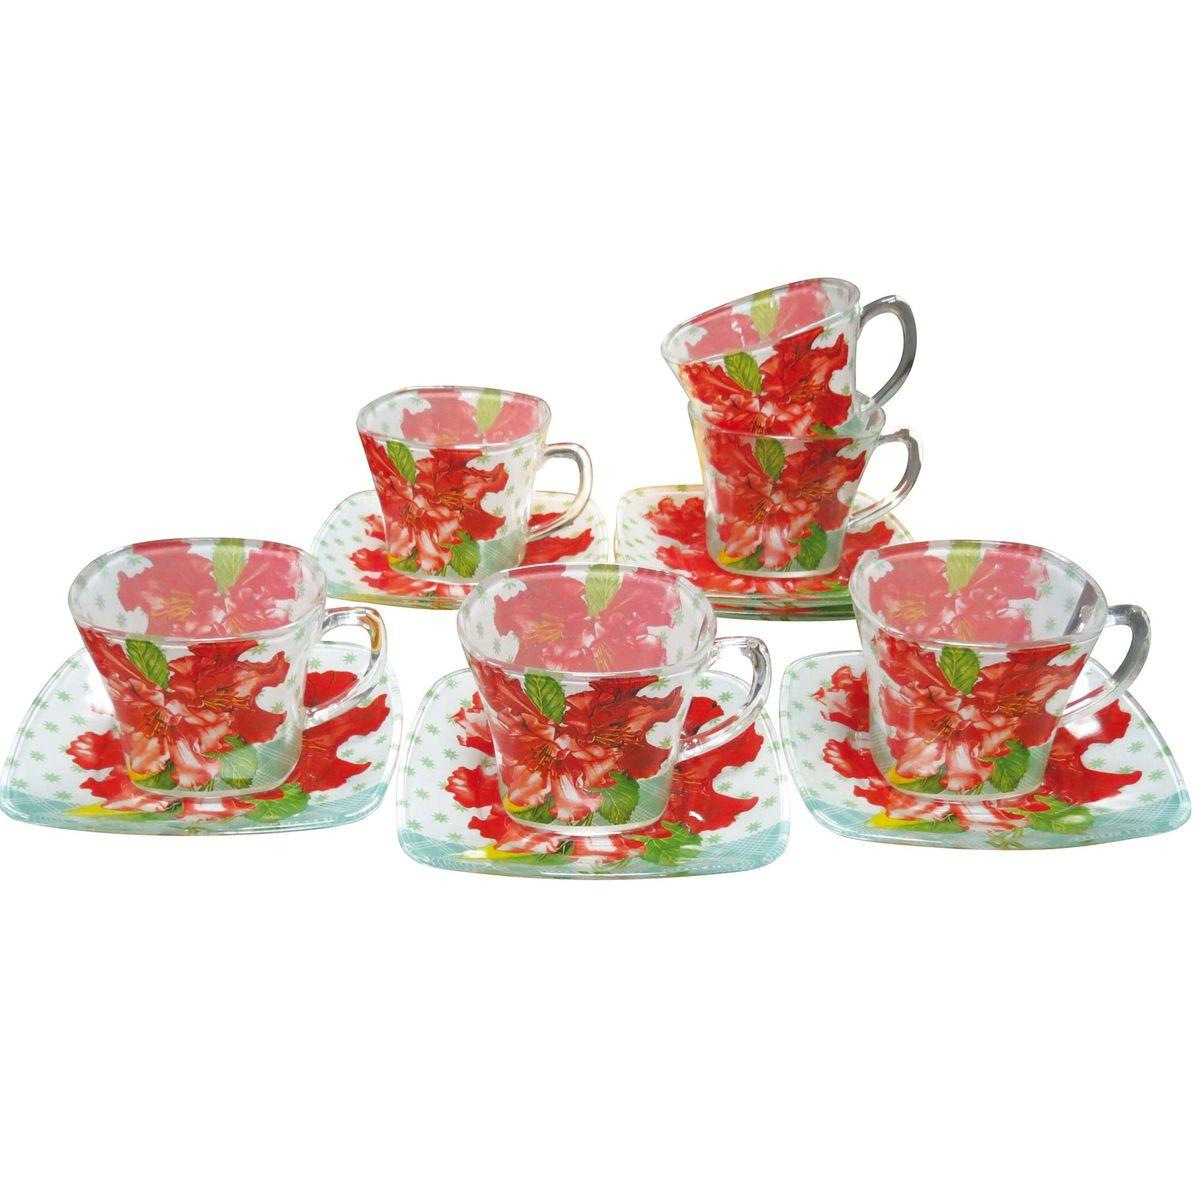 Набор чайный BK-5846 12прVT-1520(SR)12пр.: чашка - 6шт. (220мл), блюдце - 6шт. (13,4*16см). Подарочнаяупаковка. Состав: стекло.